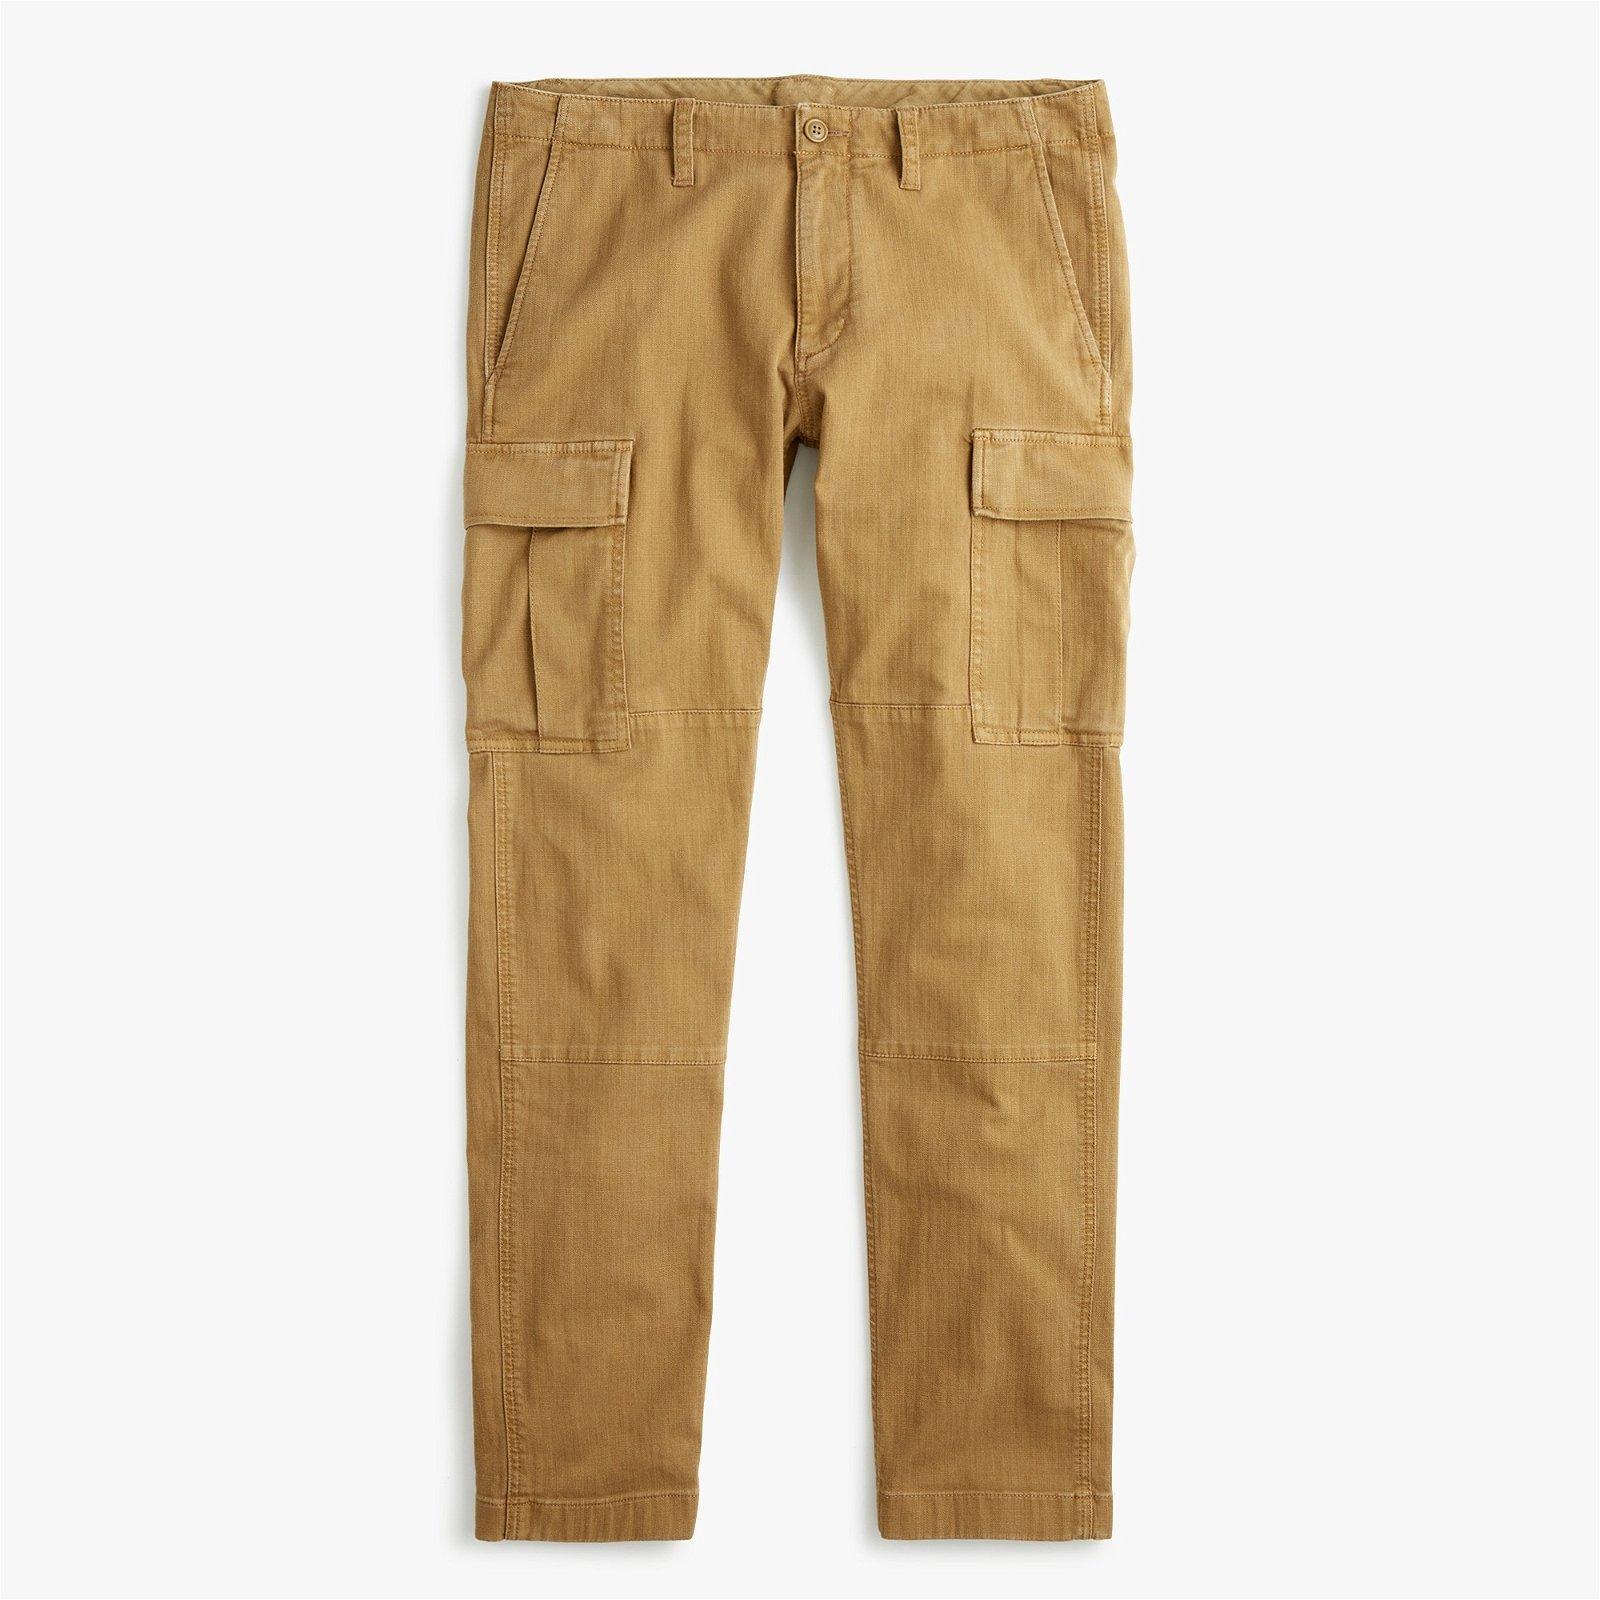 Wallace & Barnes ripstop brigade cargo pant